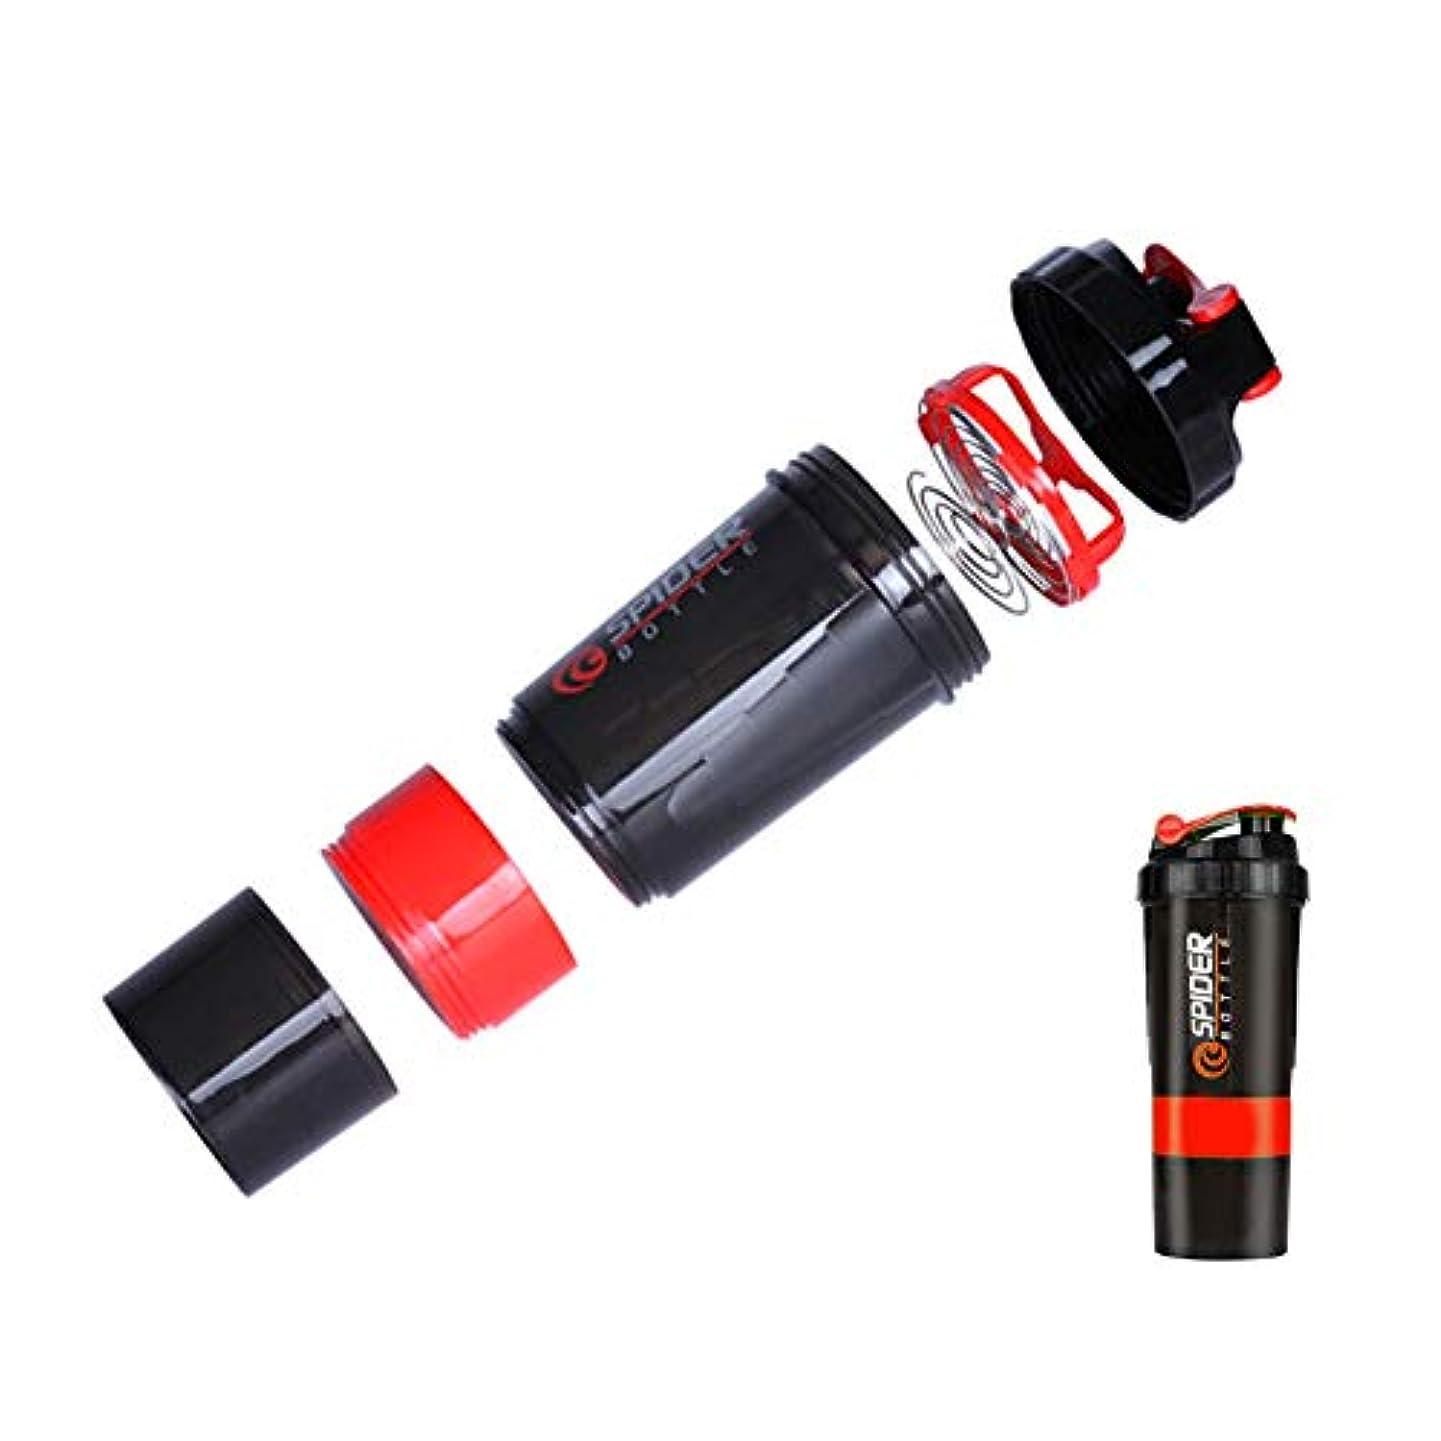 熟すポーターイーウェルスポーツボトル シェーカーボトル プロテインシェーカー ボトル プラスチック フィットネス ダイエット 直飲み サプリケース コンテナ付き 600ml